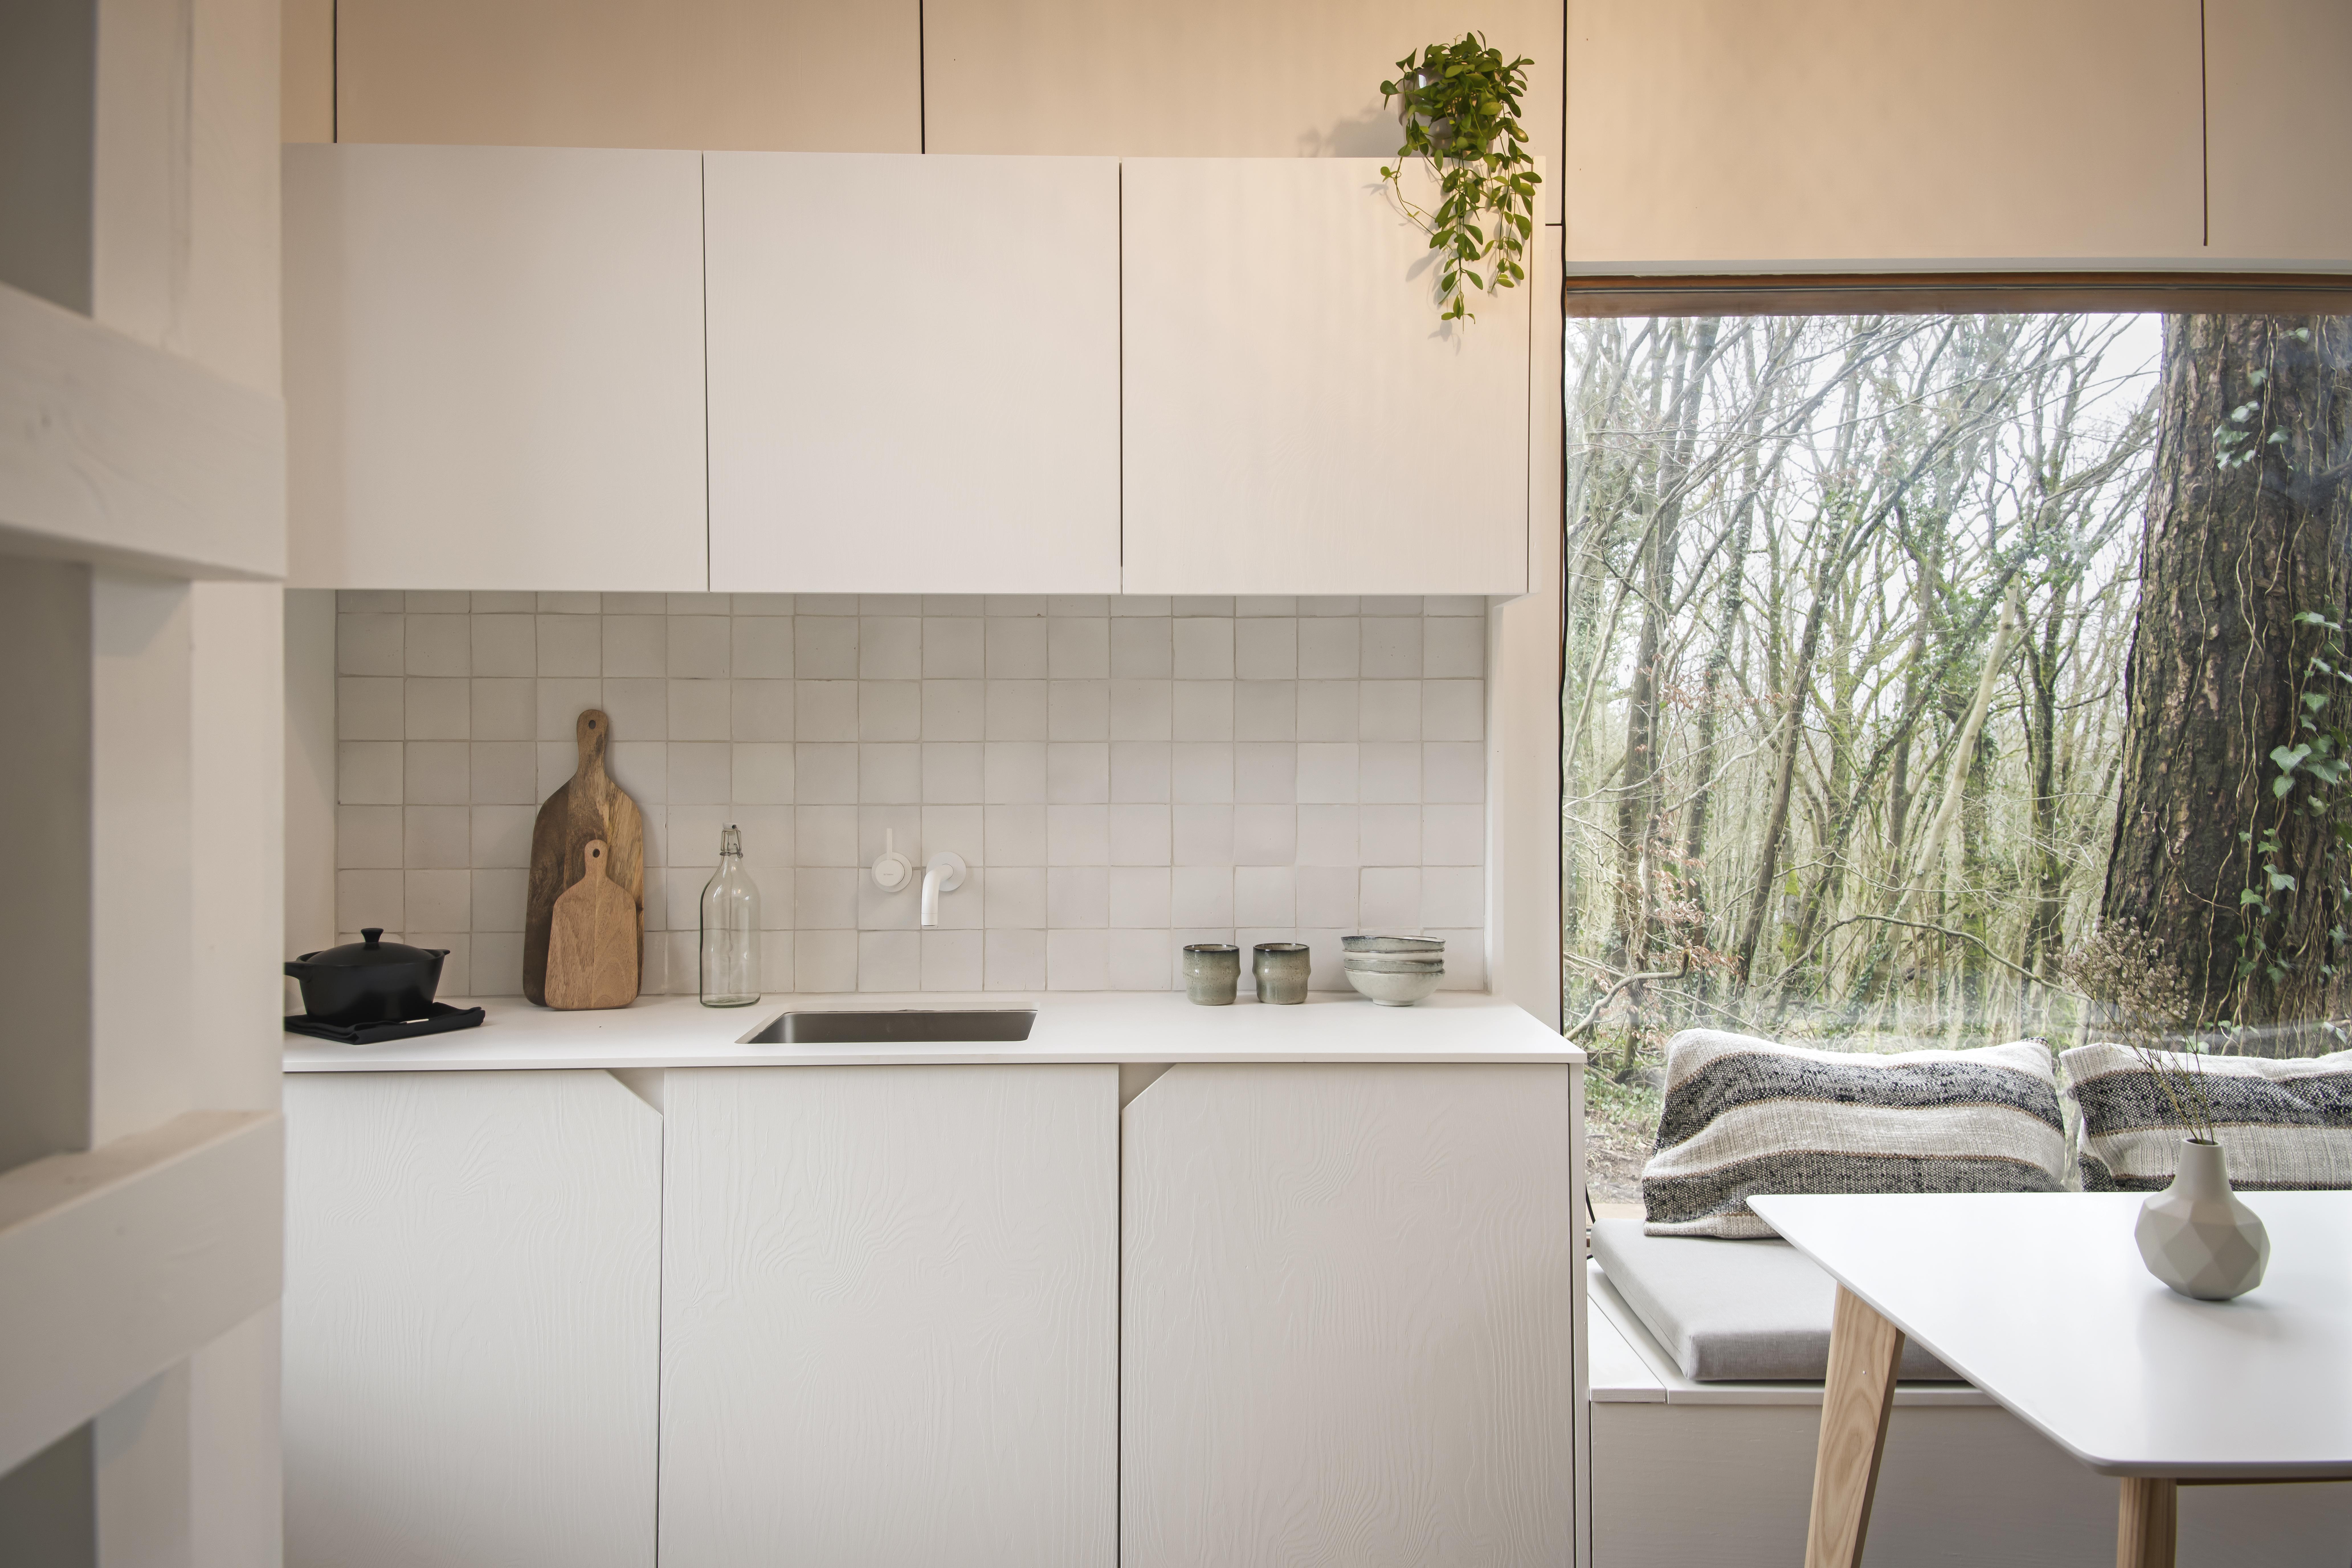 houten woonunit met binnenschrijnwerk met witte keuken en witte keukentafel